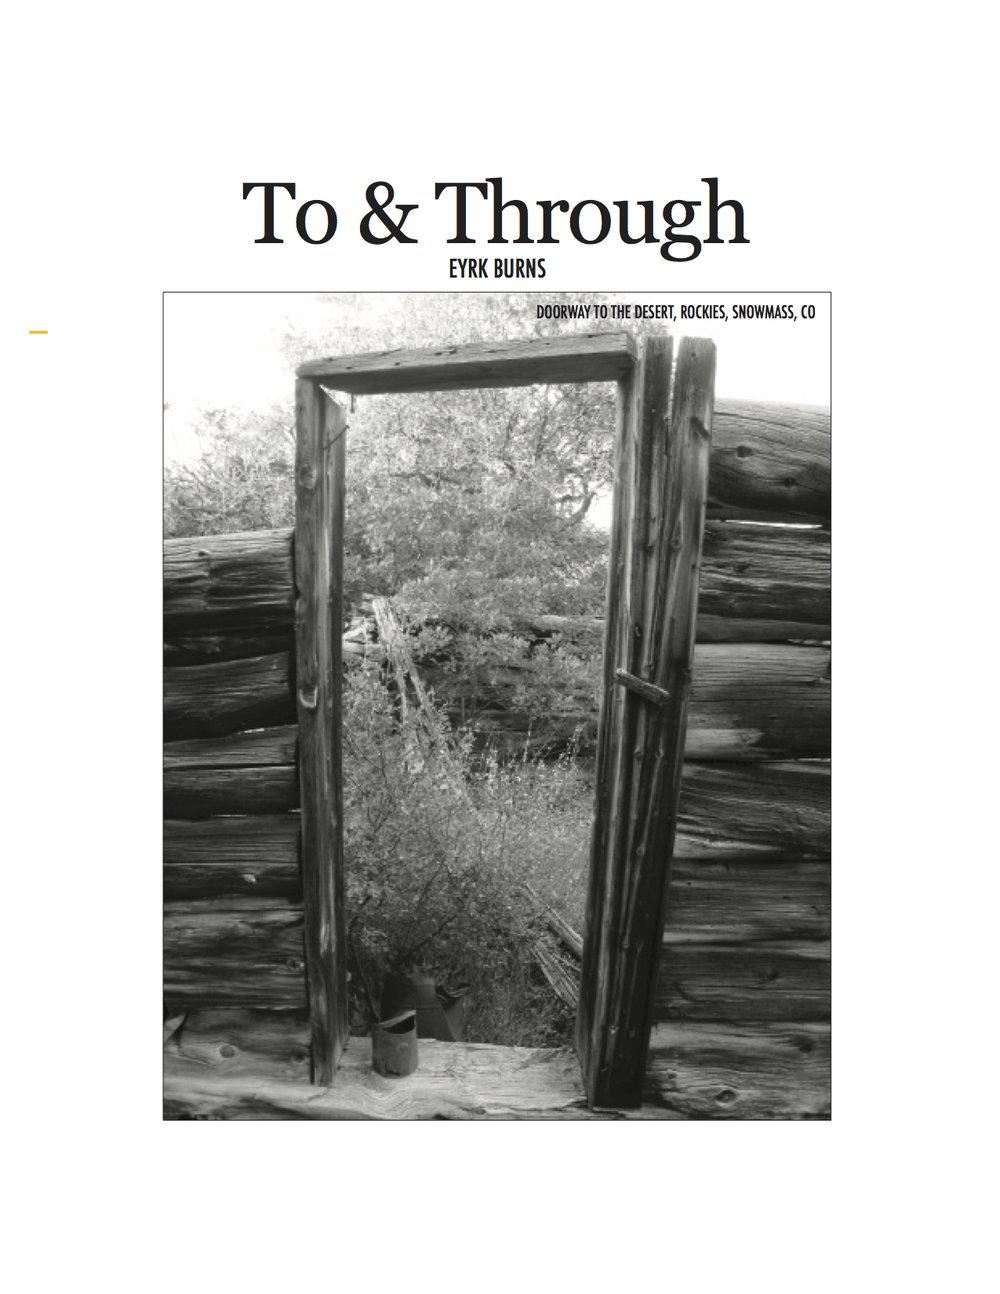 Artis 1 To & Through cover.jpg